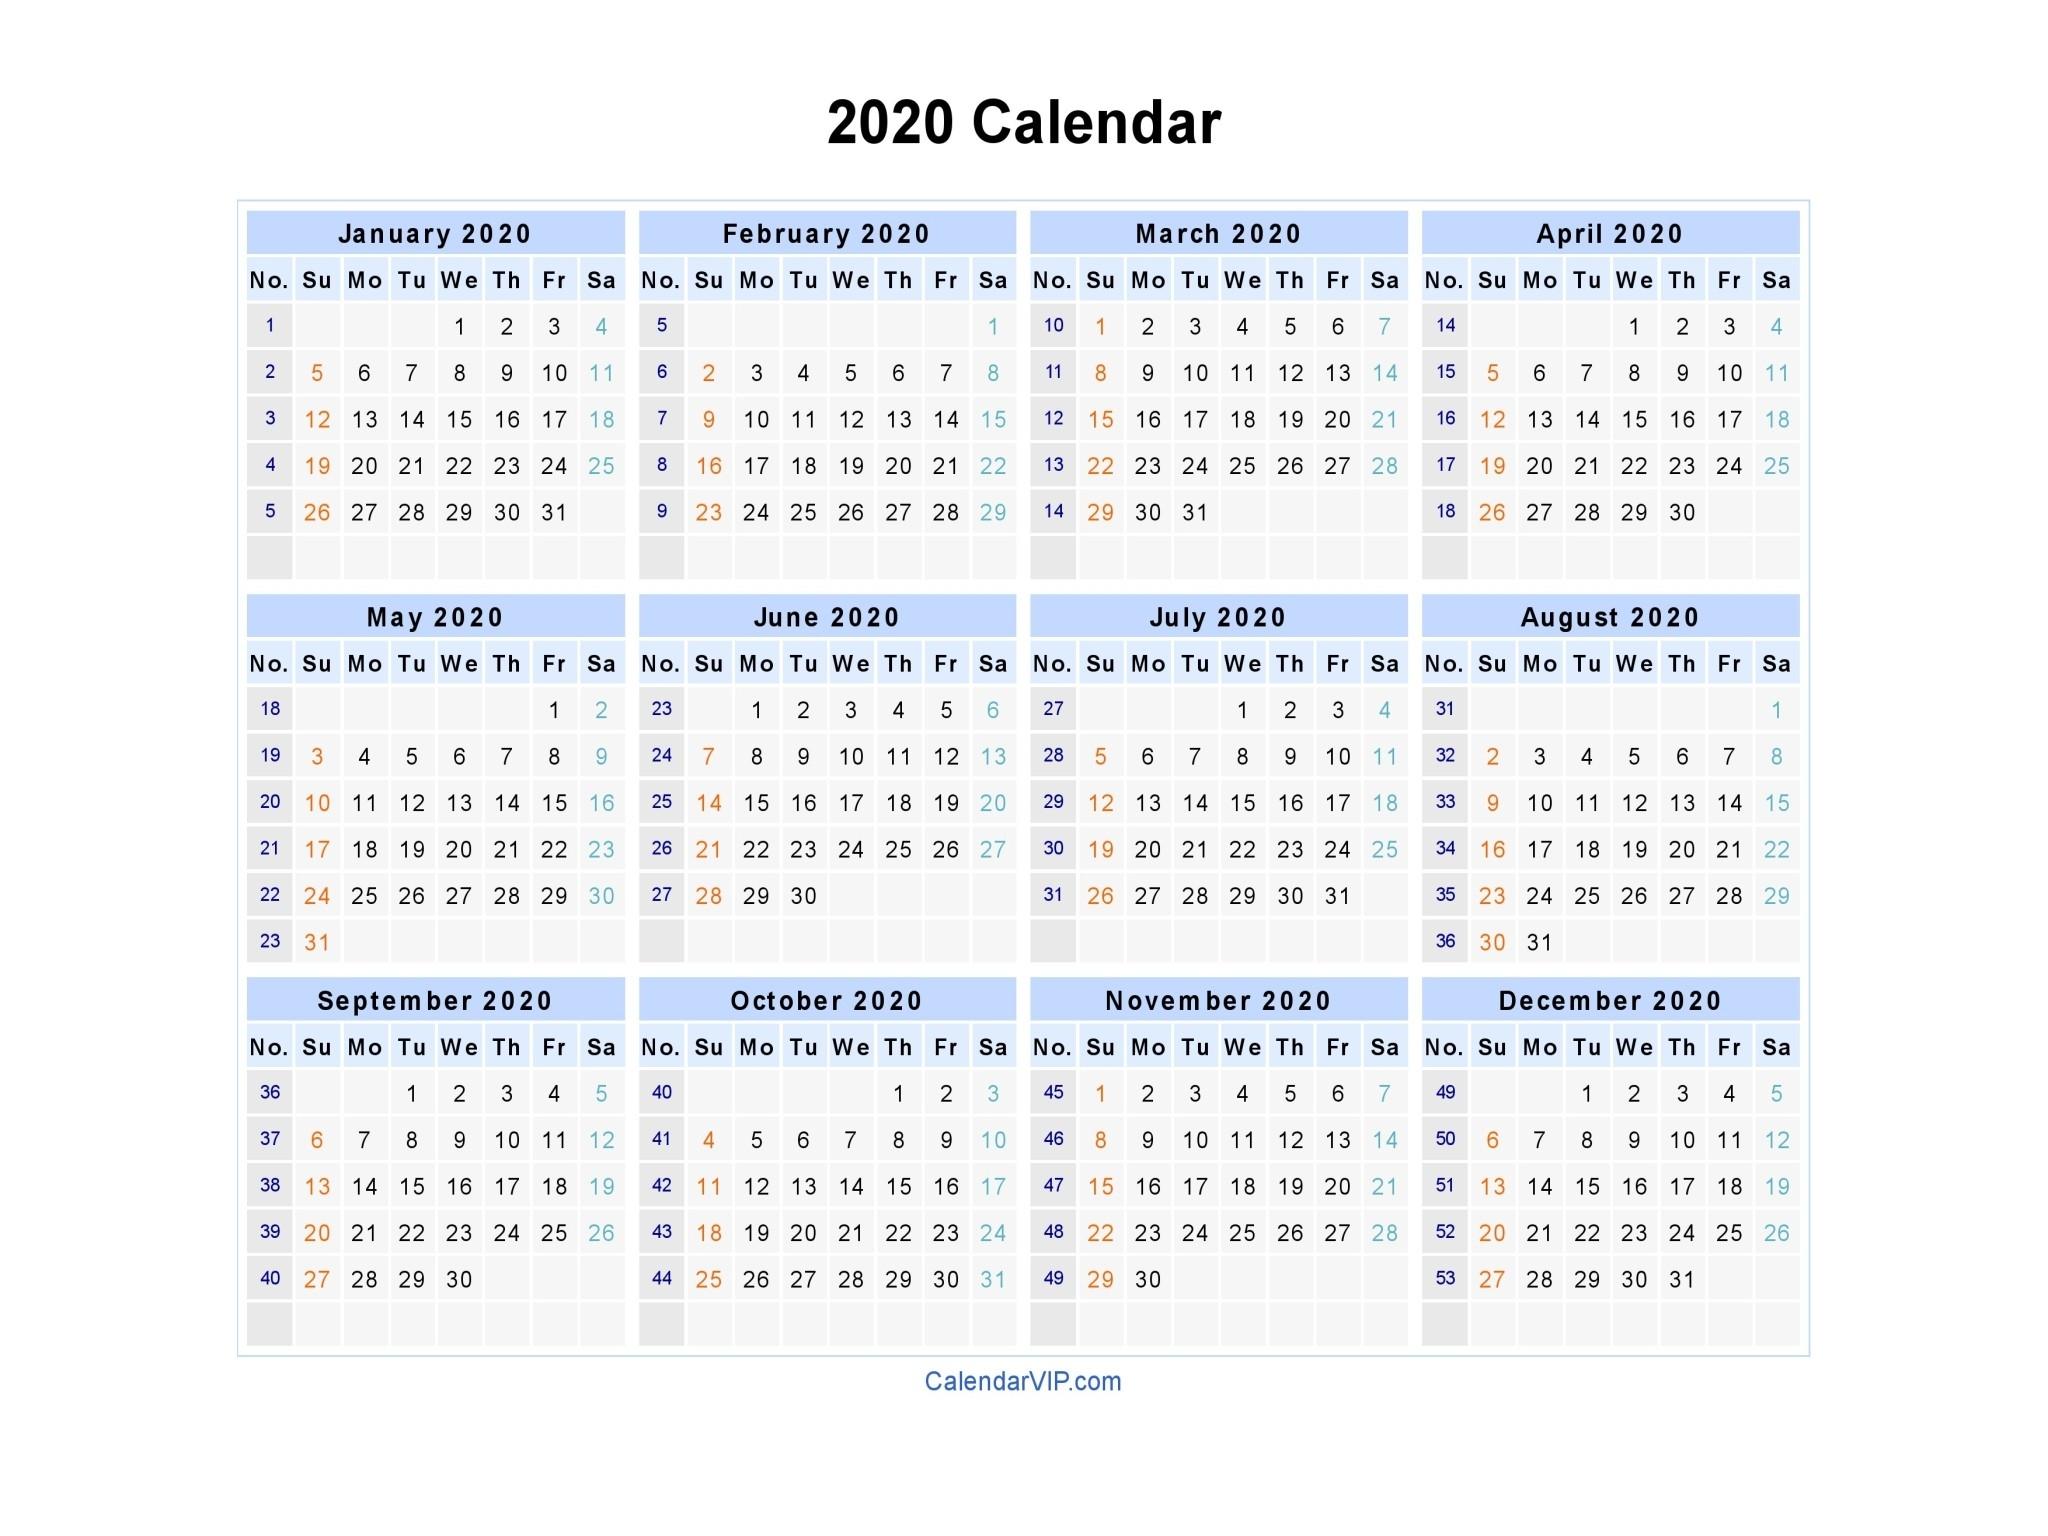 2020 Calendar - Blank Printable Calendar Template In Pdf-Downloadable 2020 Calendar Template Word